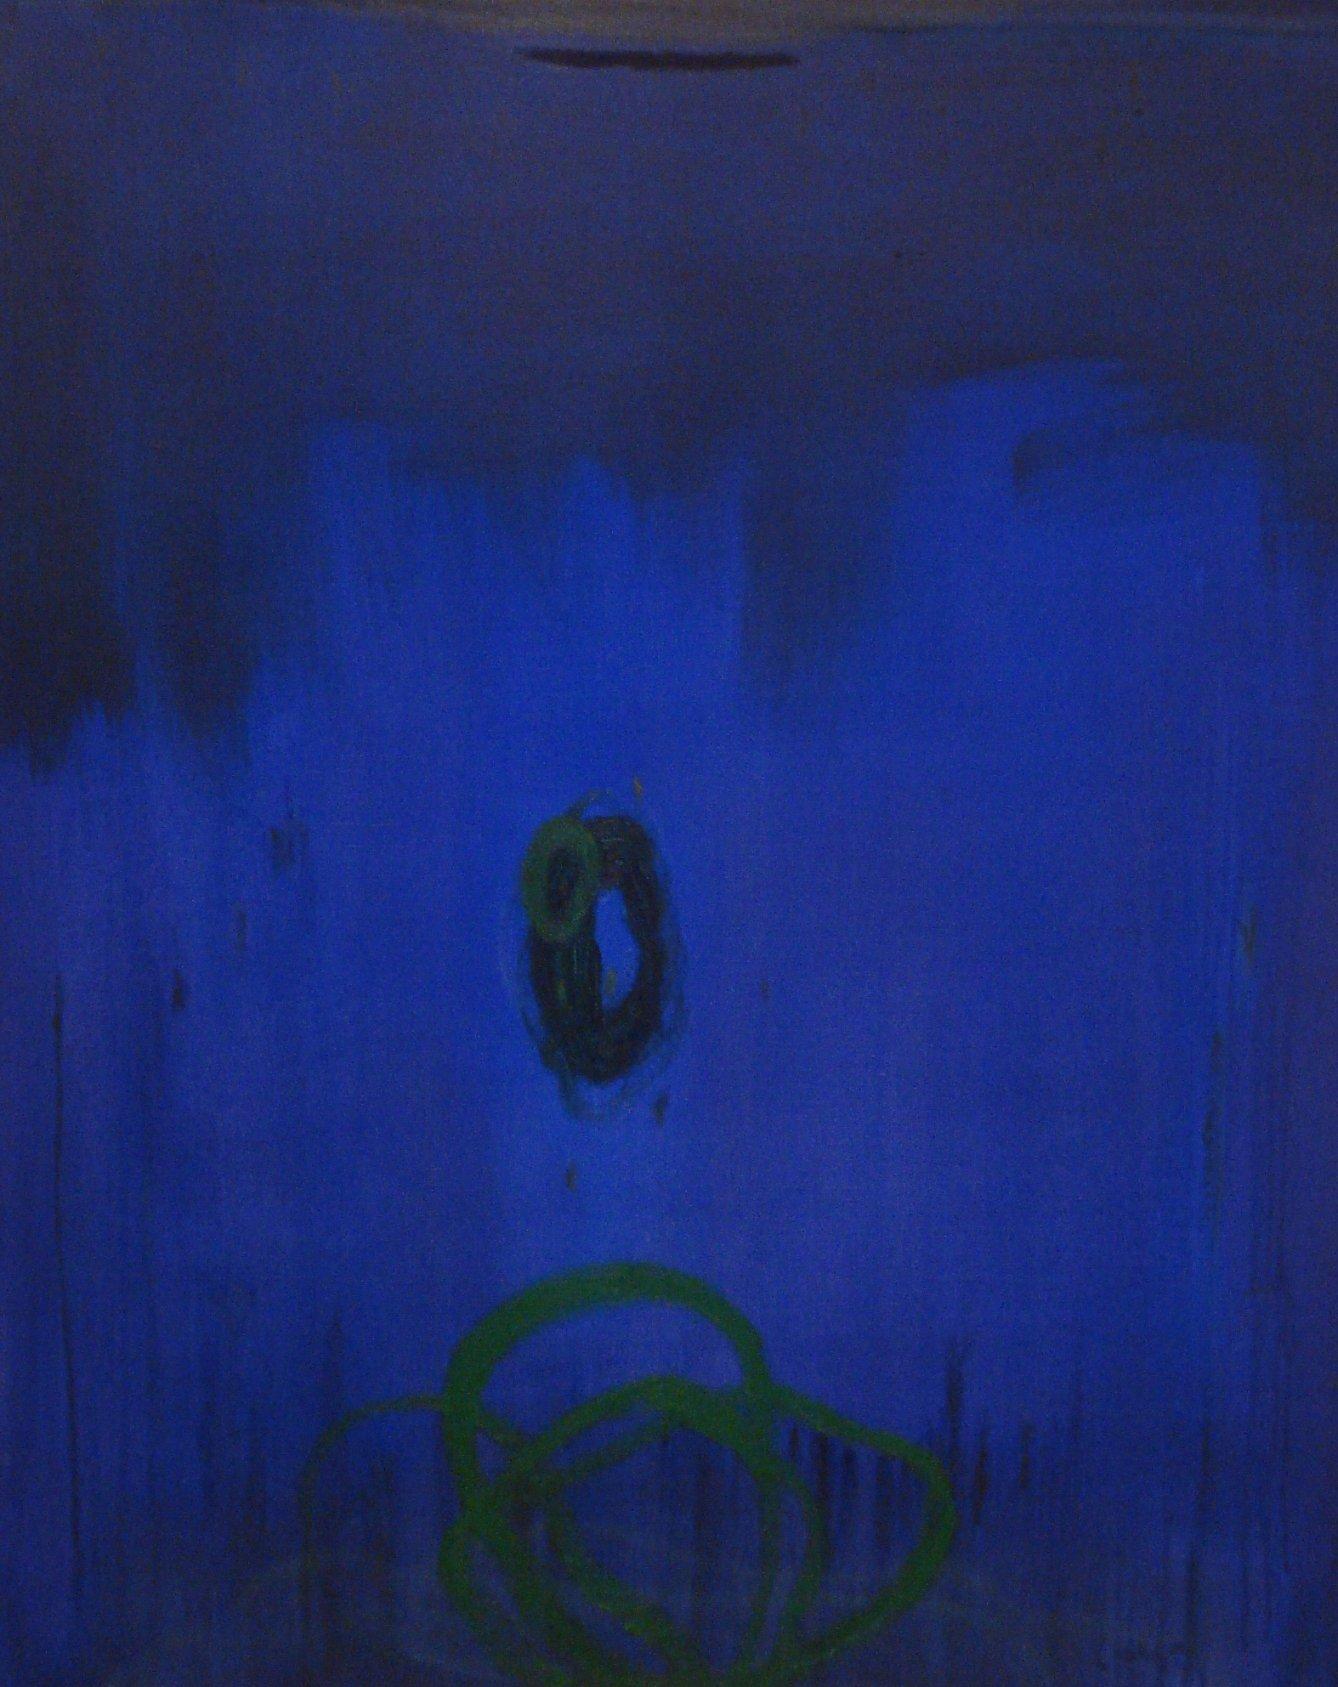 Quarta declinação (2008) - Francisco Laranjo